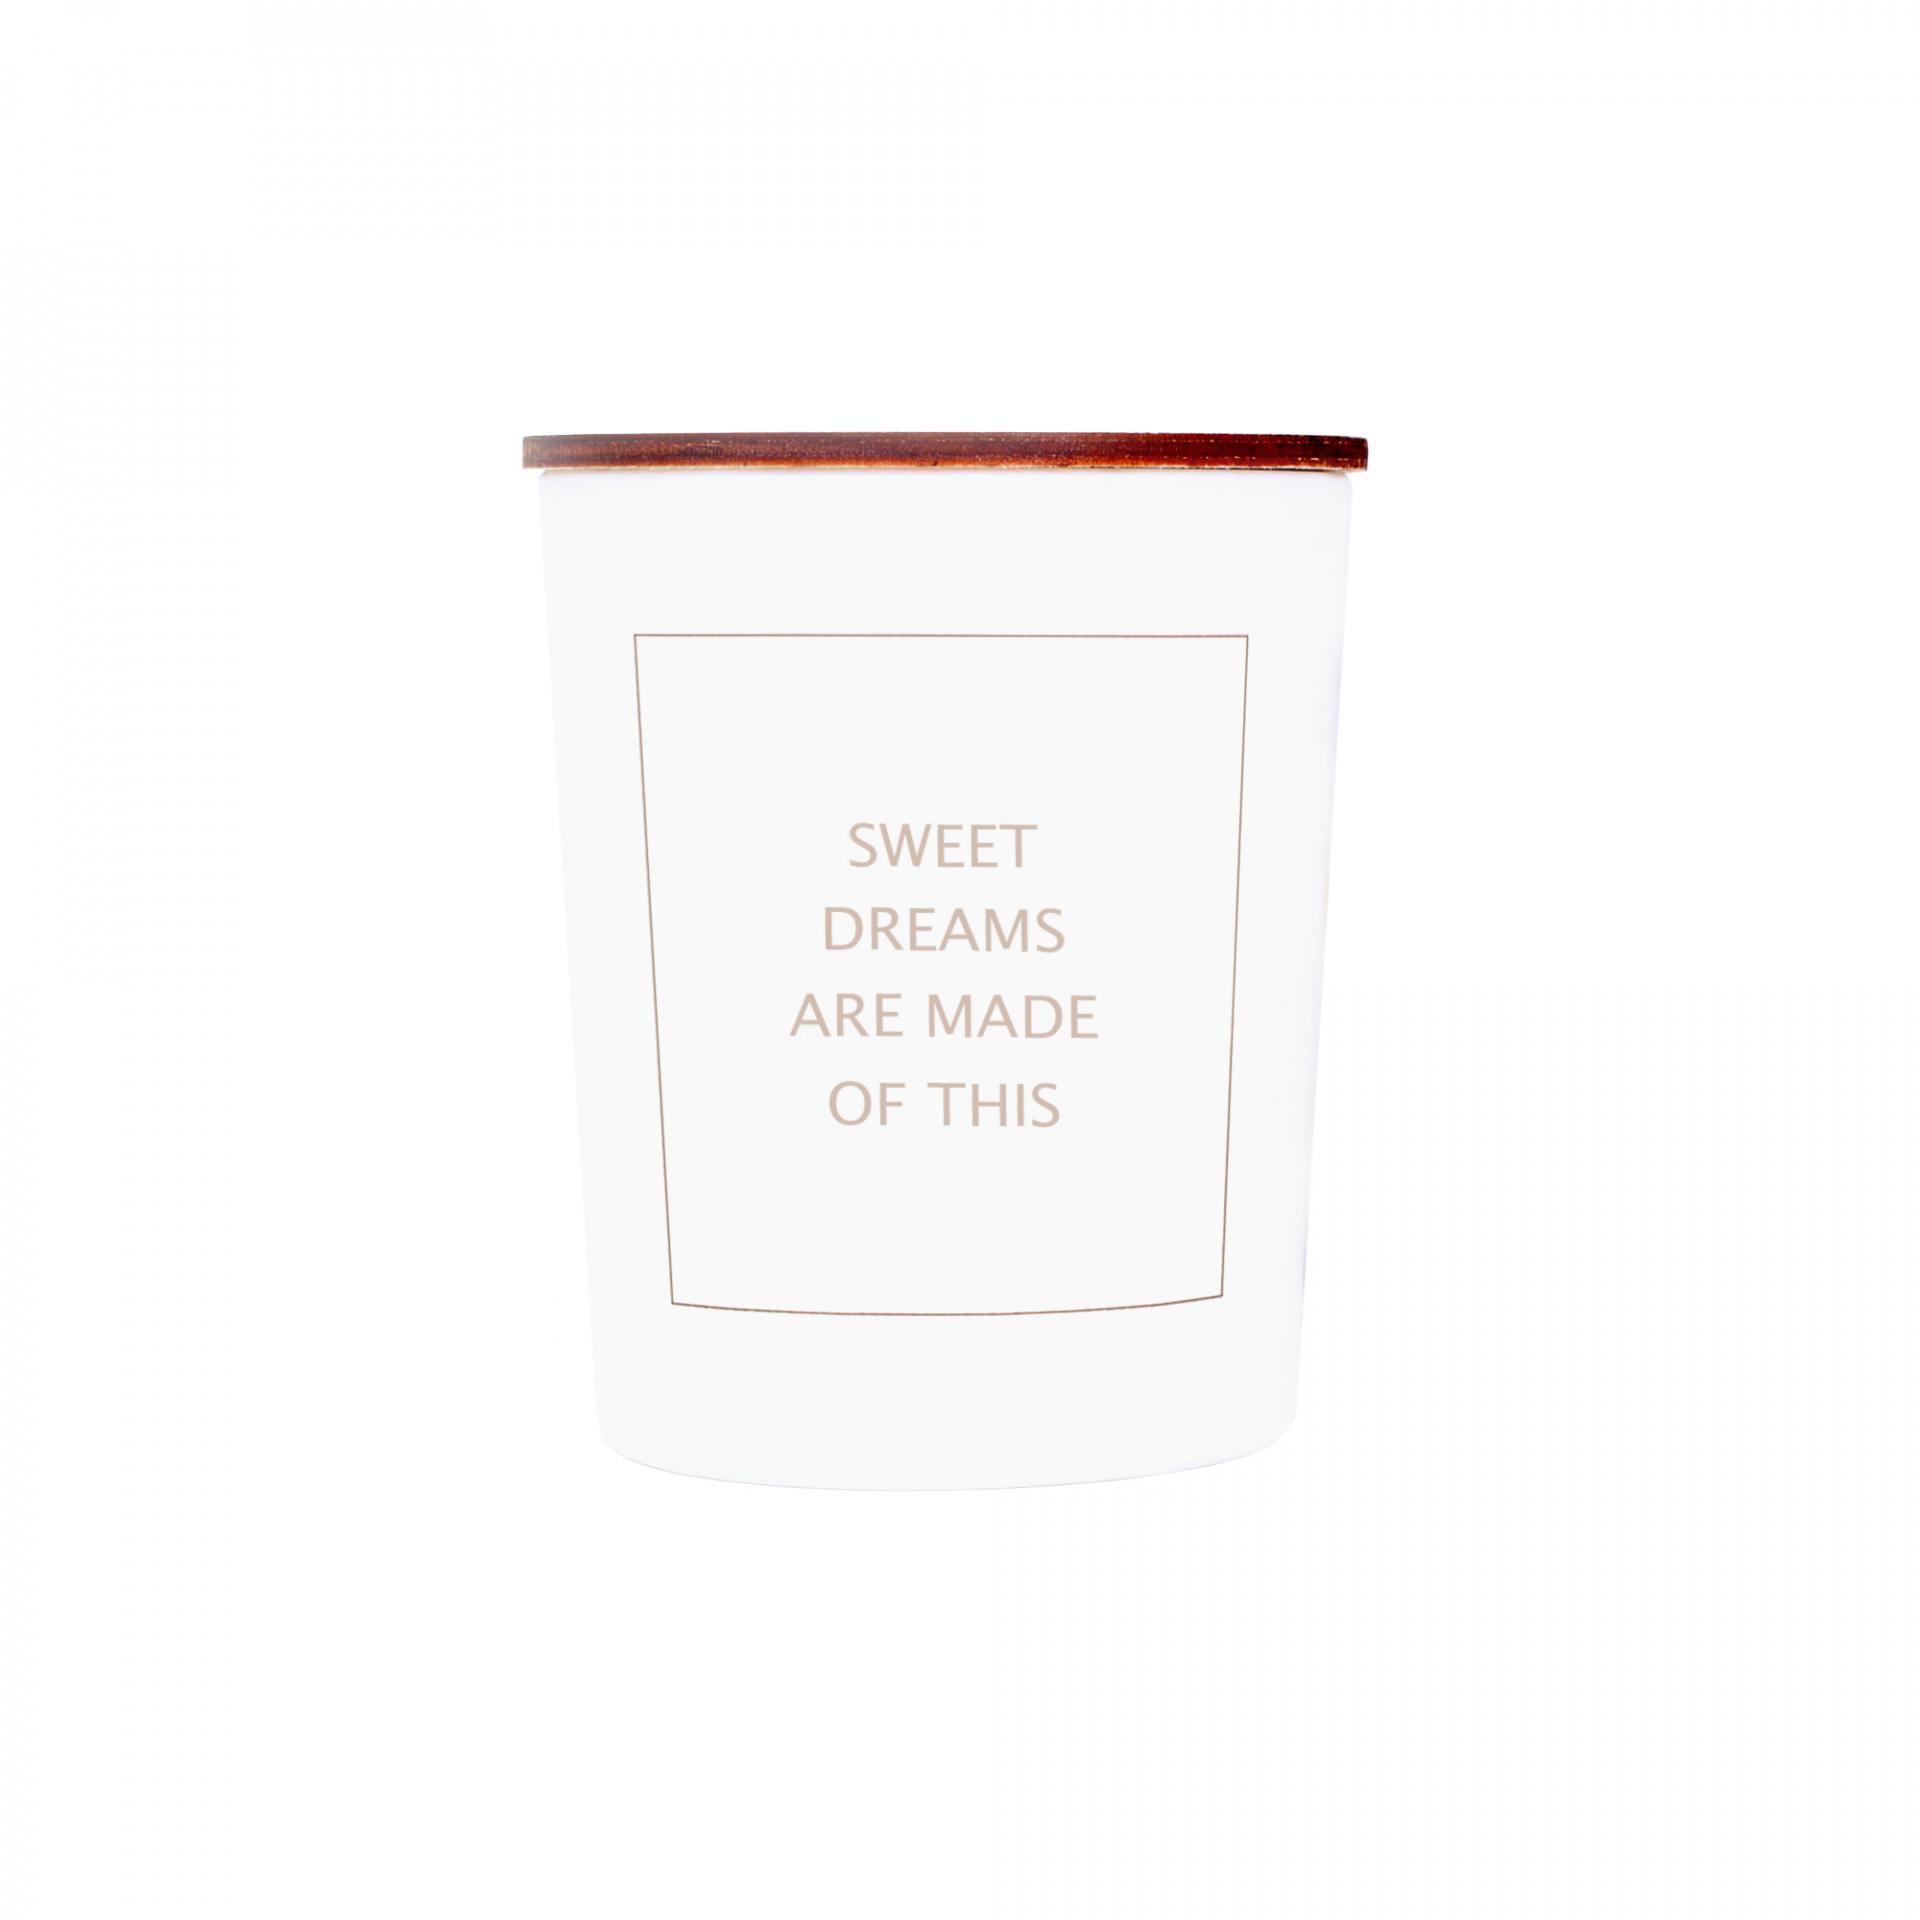 Love Inc. Bílá svíčka Sweet dreams - fíky a růže, bílá barva, sklo, dřevo, vosk